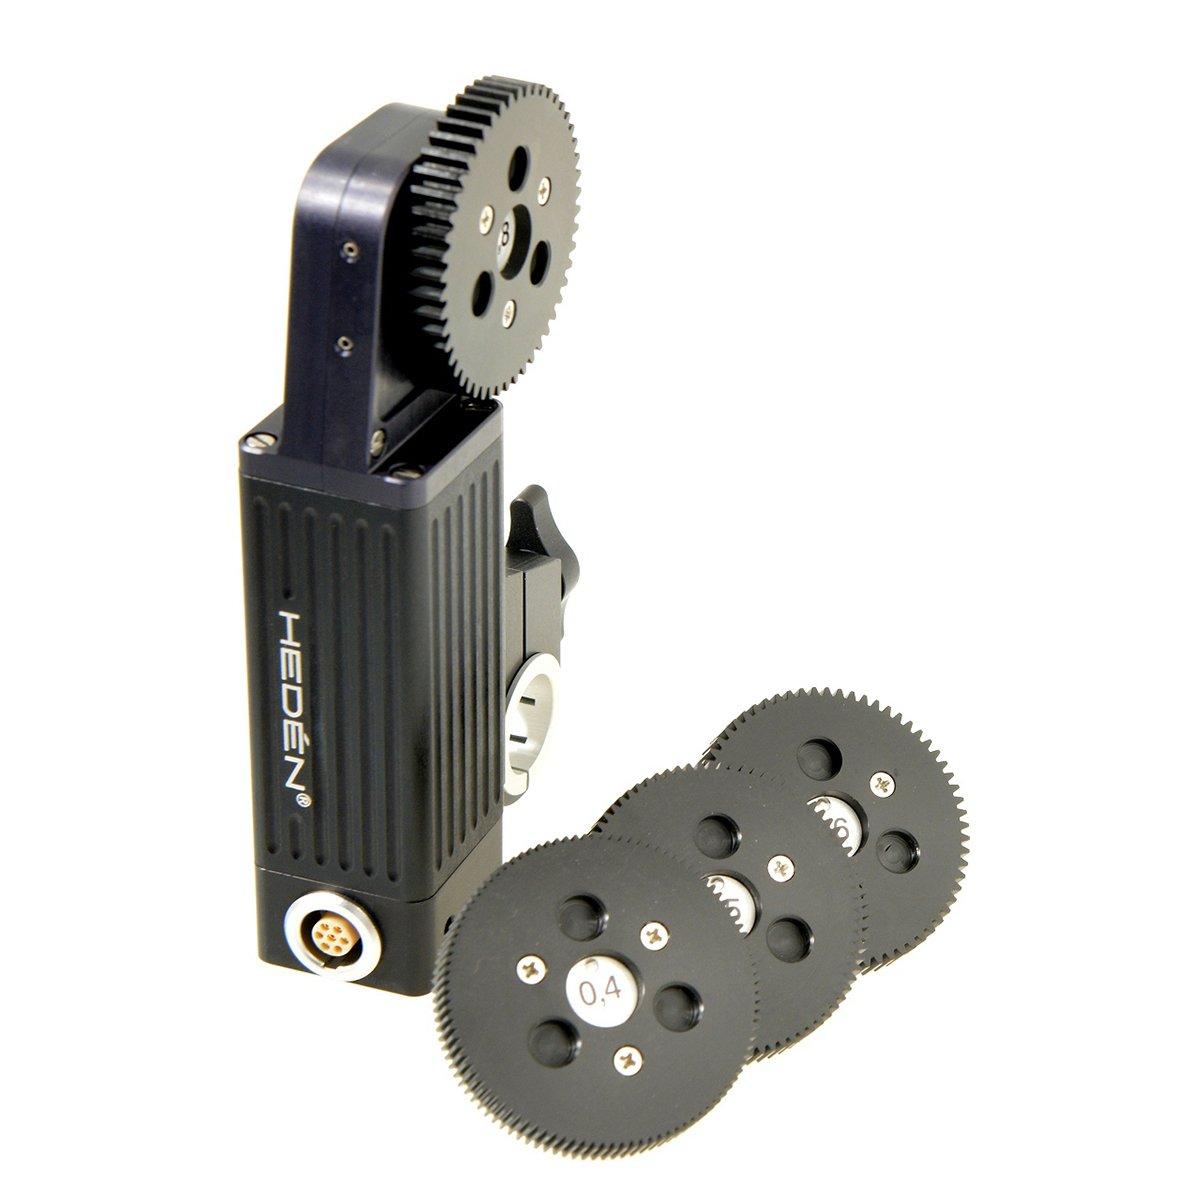 【国内正規品】Chrosziel クロジール Digital Heden Motor dig. encoder M26VE Heden Motor dig. encoder M26VE  B0758CMQC7